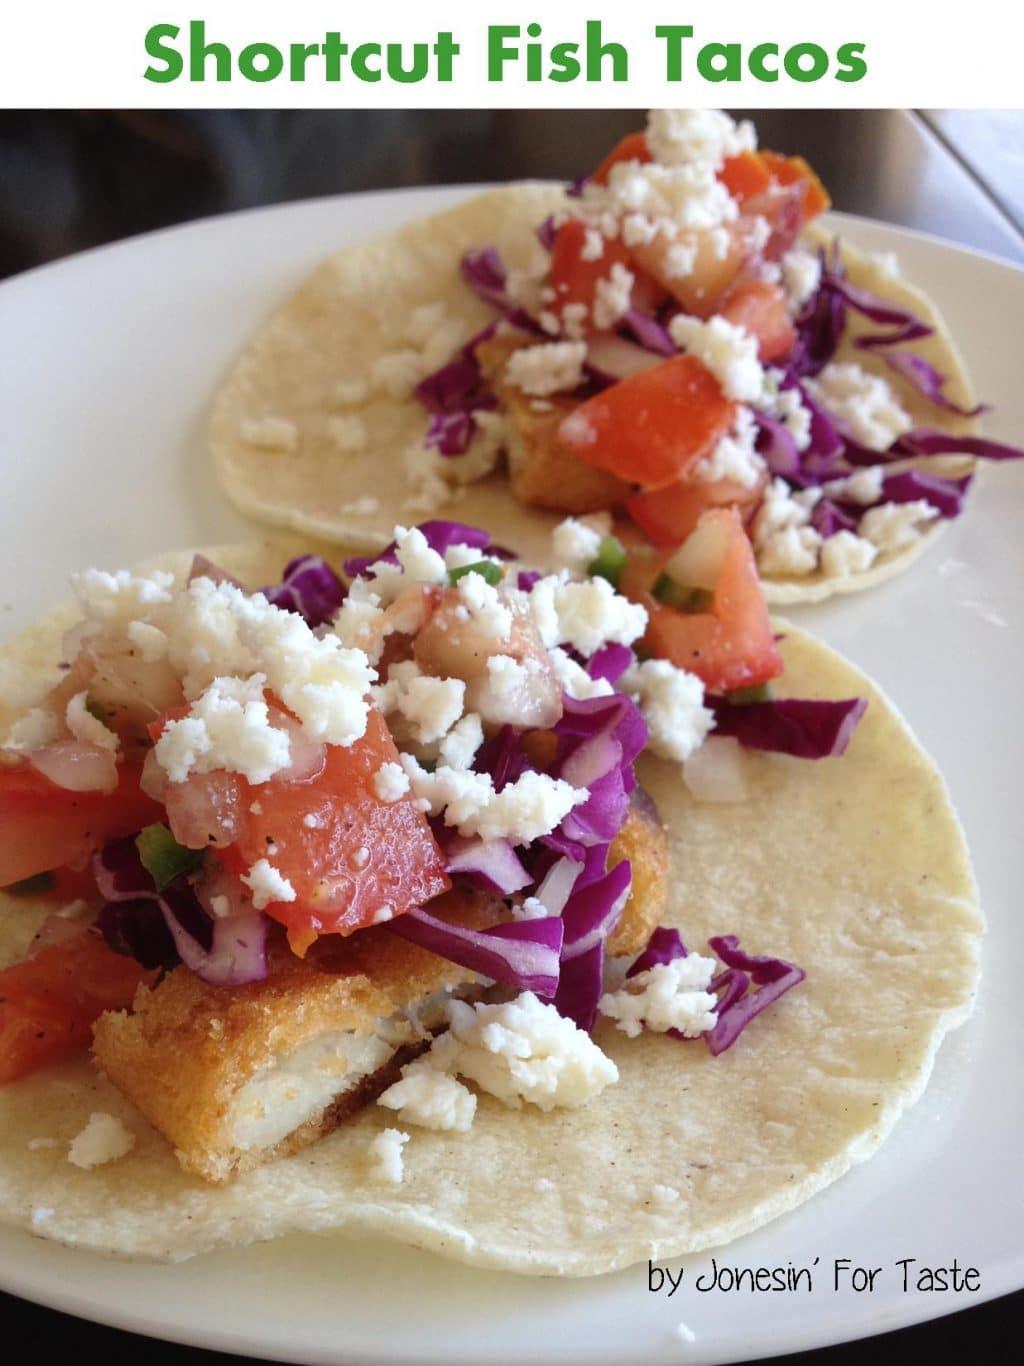 Shortcut Fish Tacos